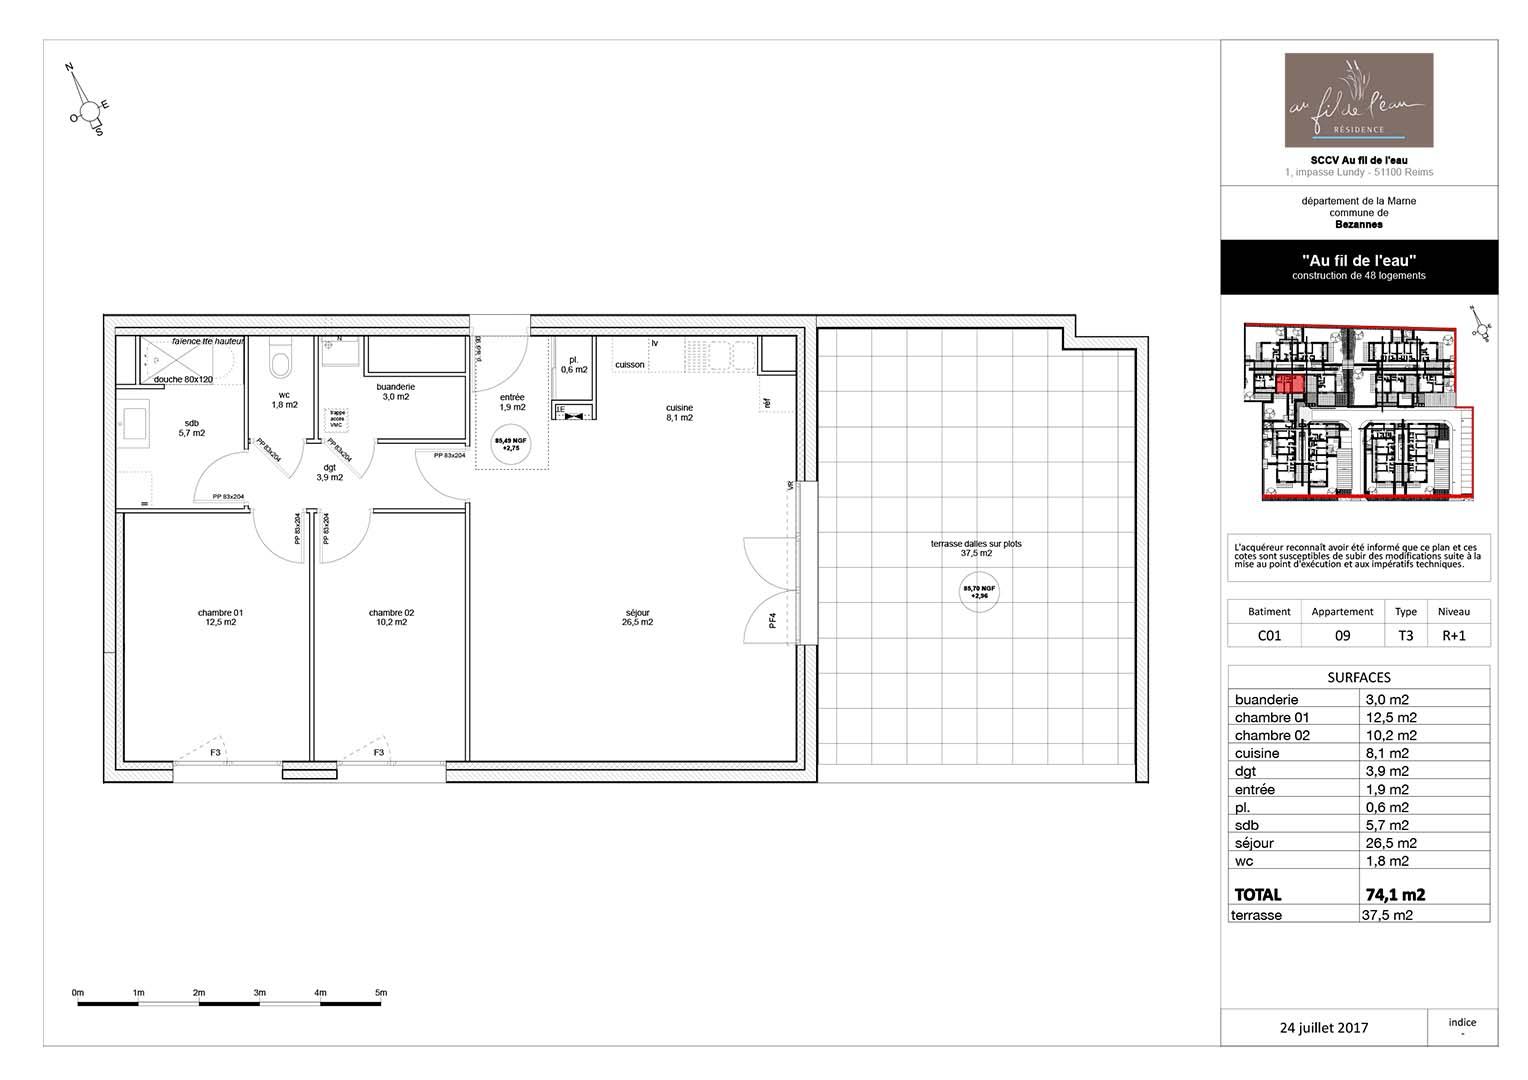 appartement C01-09 de type T3